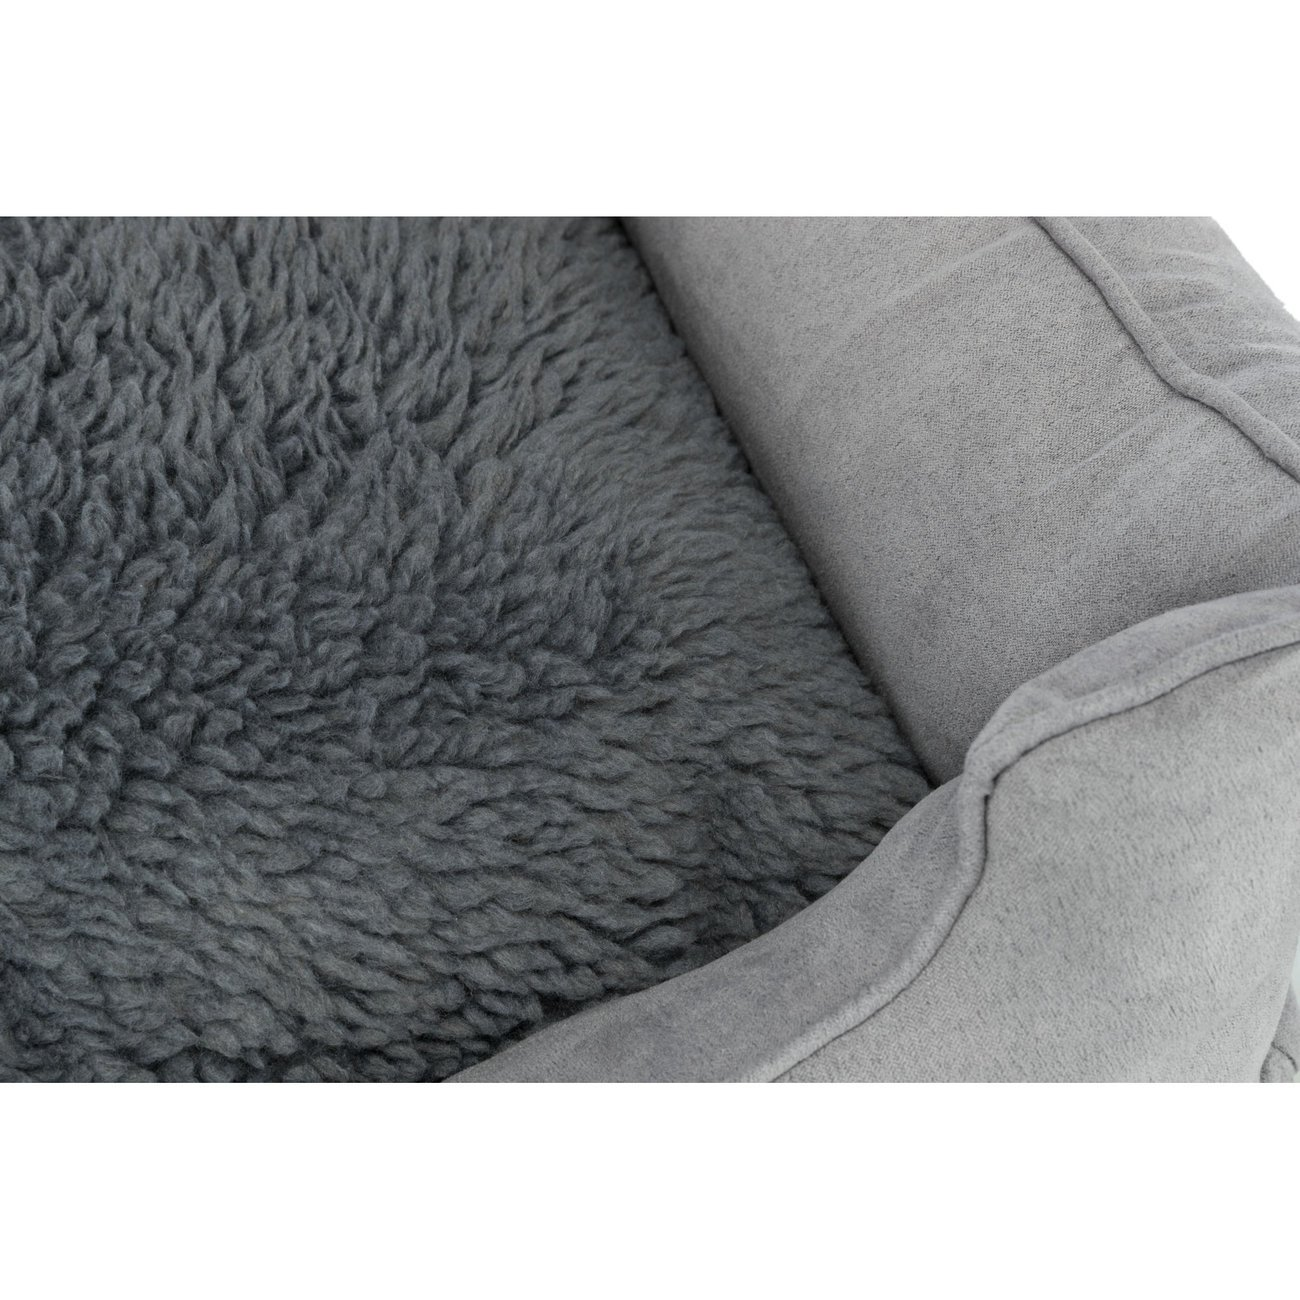 TRIXIE Wärmebett für Hunde Fendro 37517, Bild 4